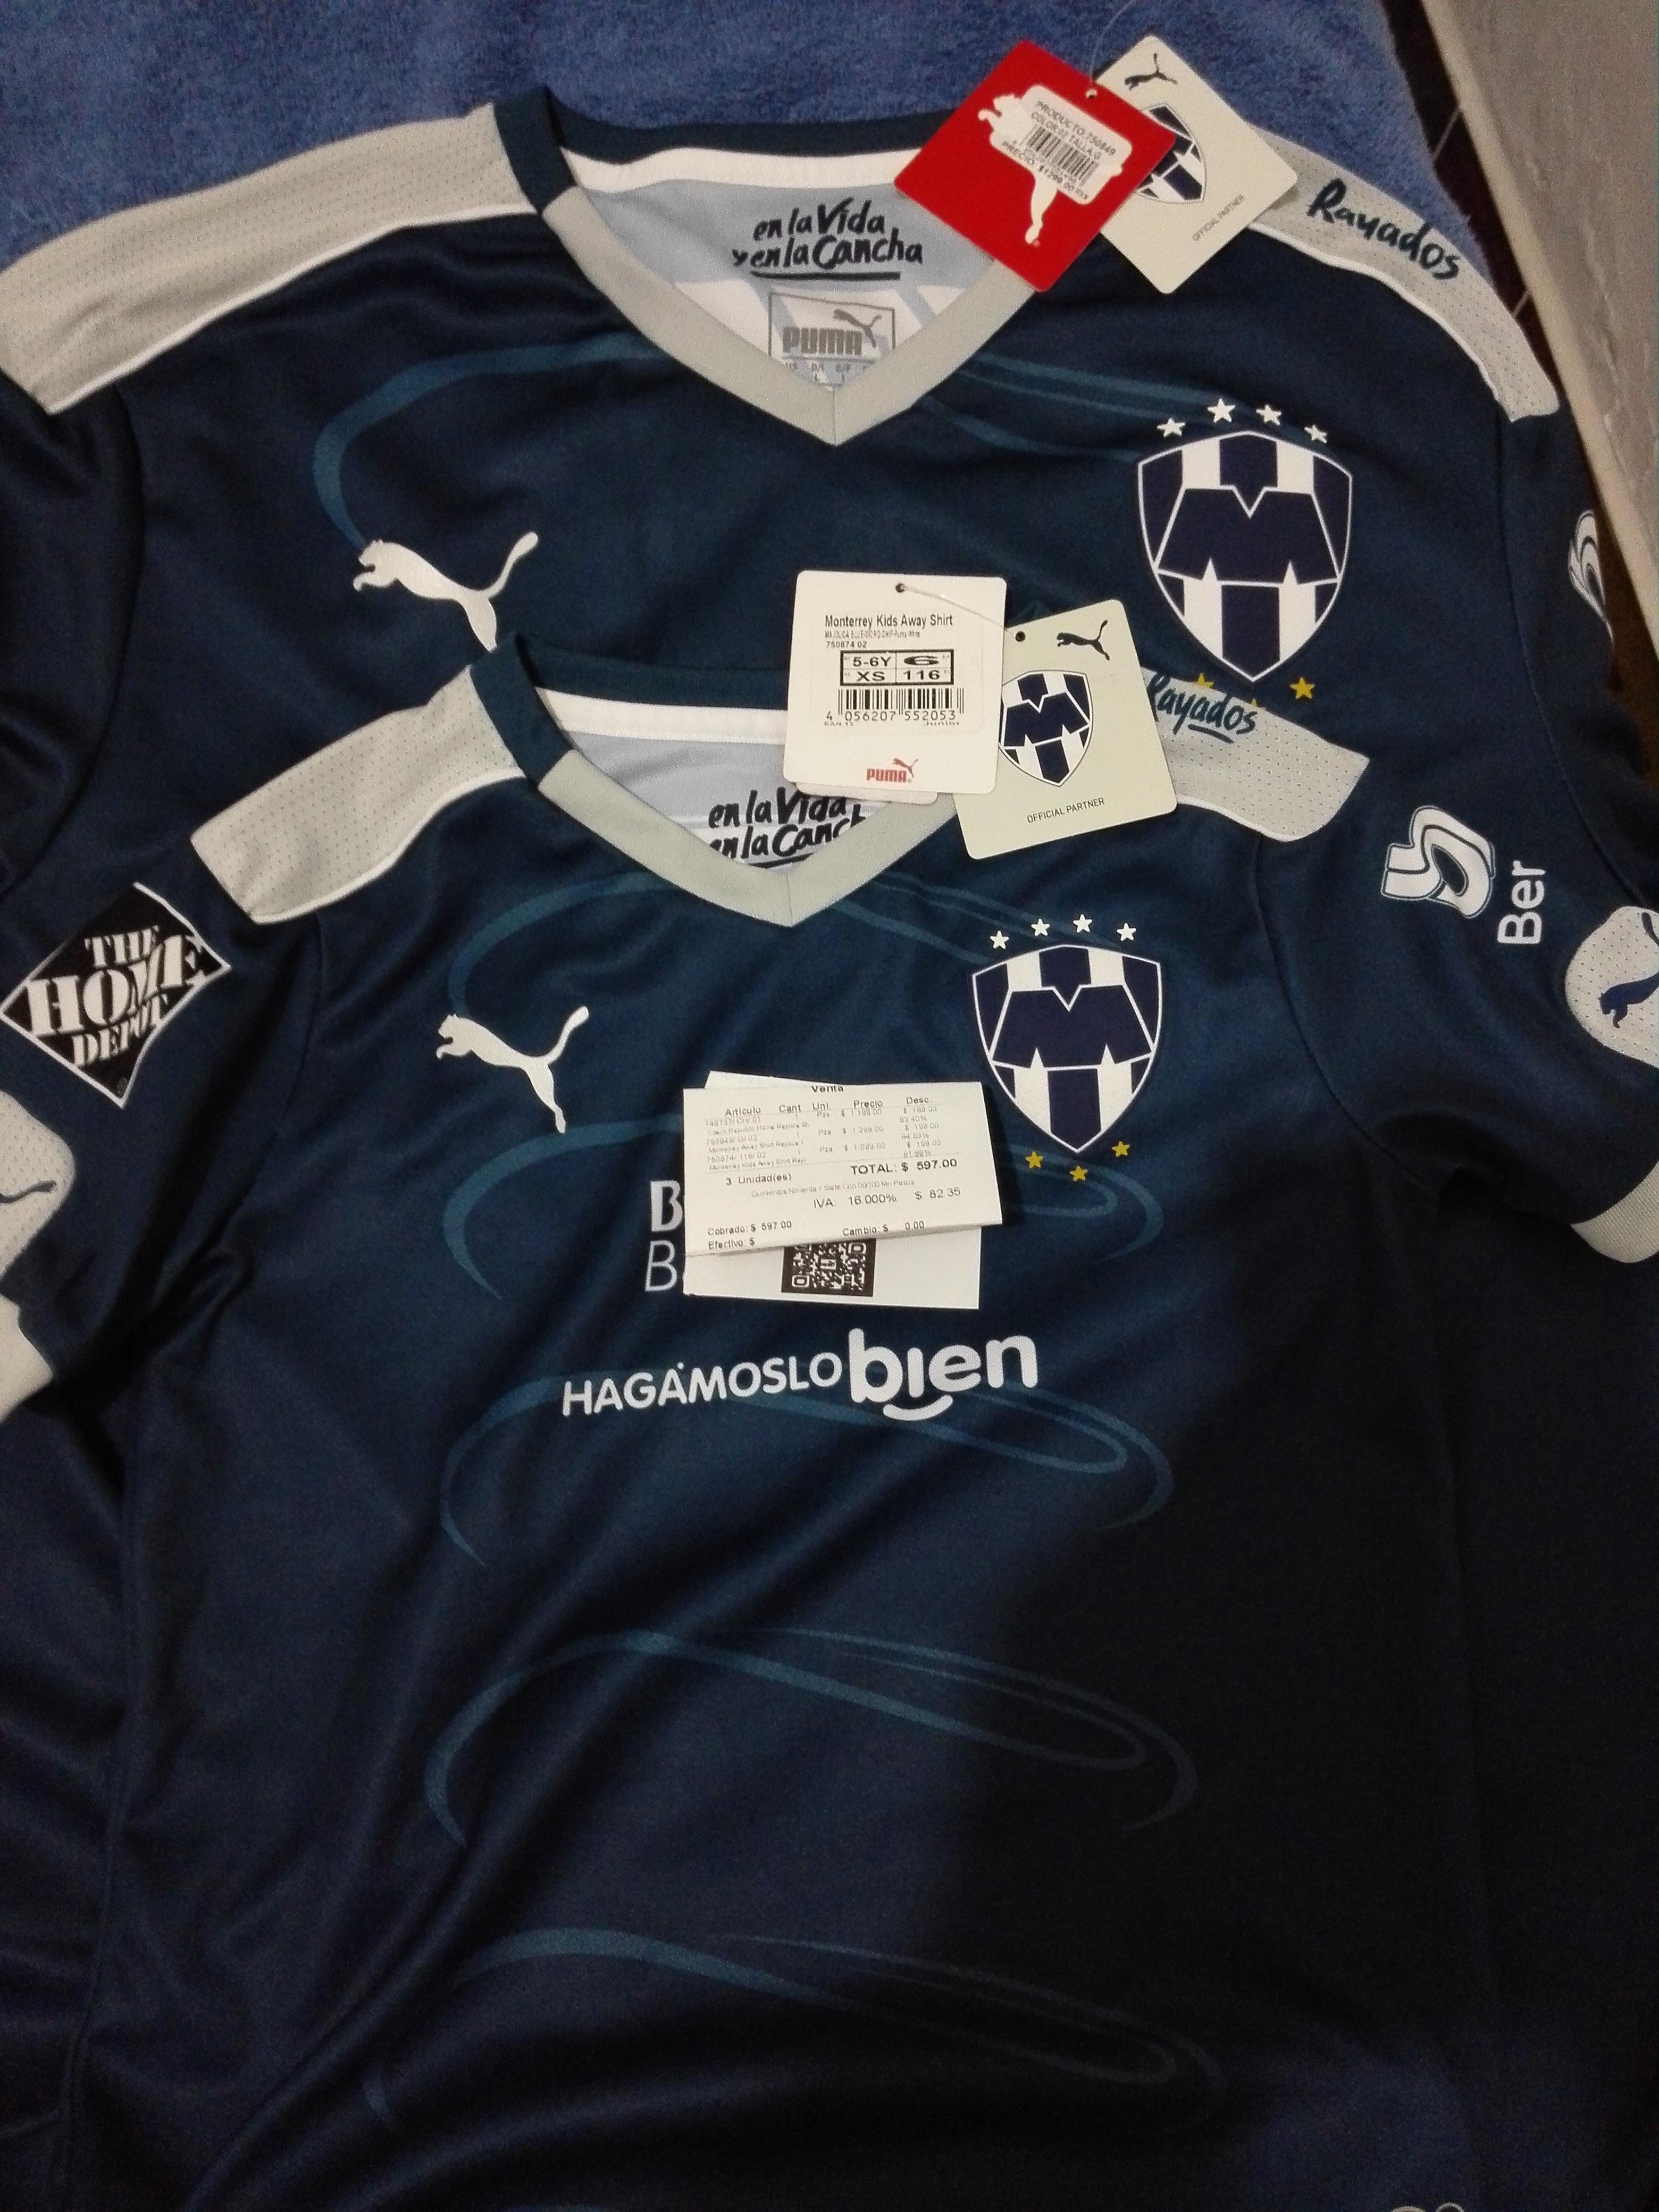 Puma Outlet: jersey monterrey, italia y mas... con -83%